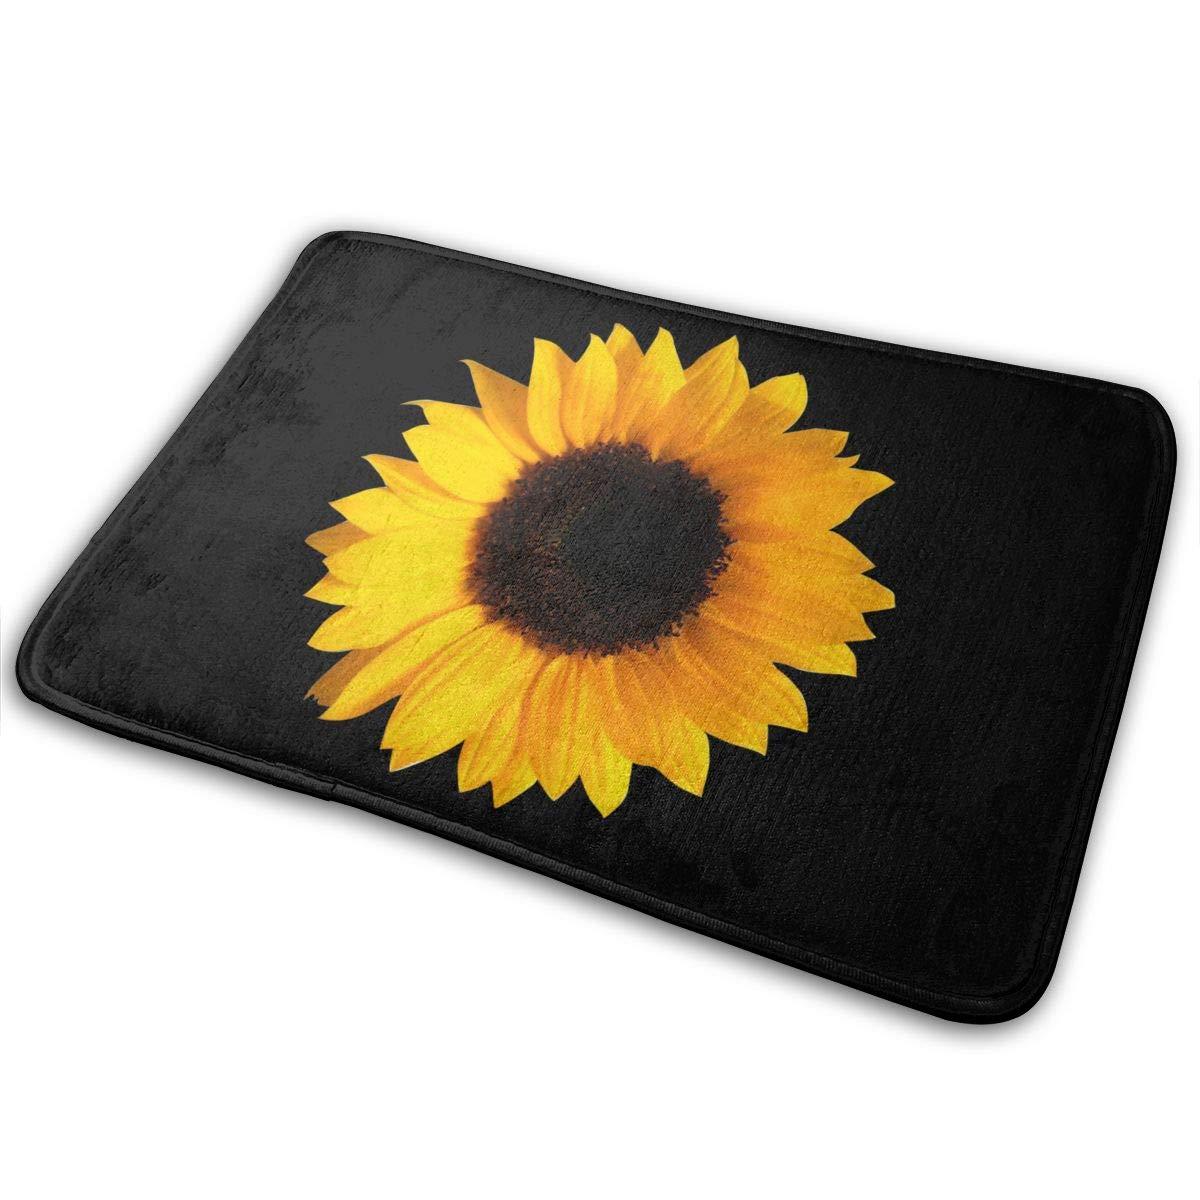 JTLCBC Sunflower Entrance Mat Floor Mat Home Decor Carpet Indoor Rectangle Doormat Kitchen Mats